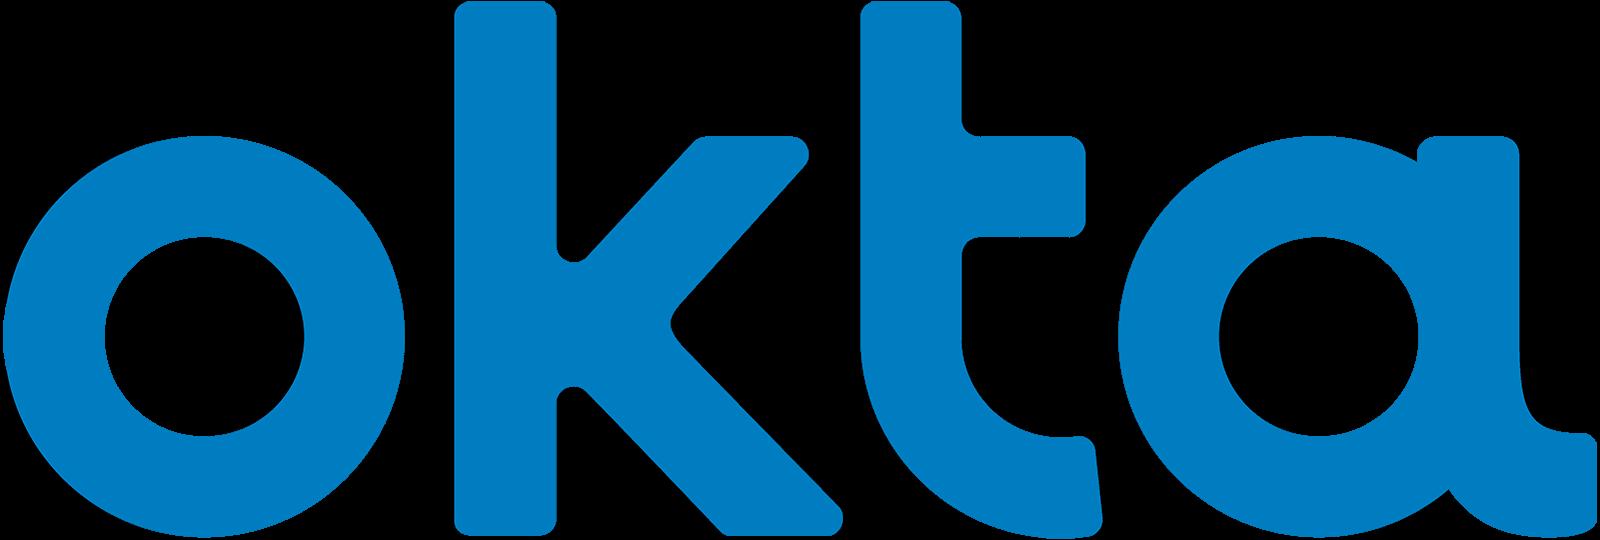 Okta_Logo_BrightBlue_Medium